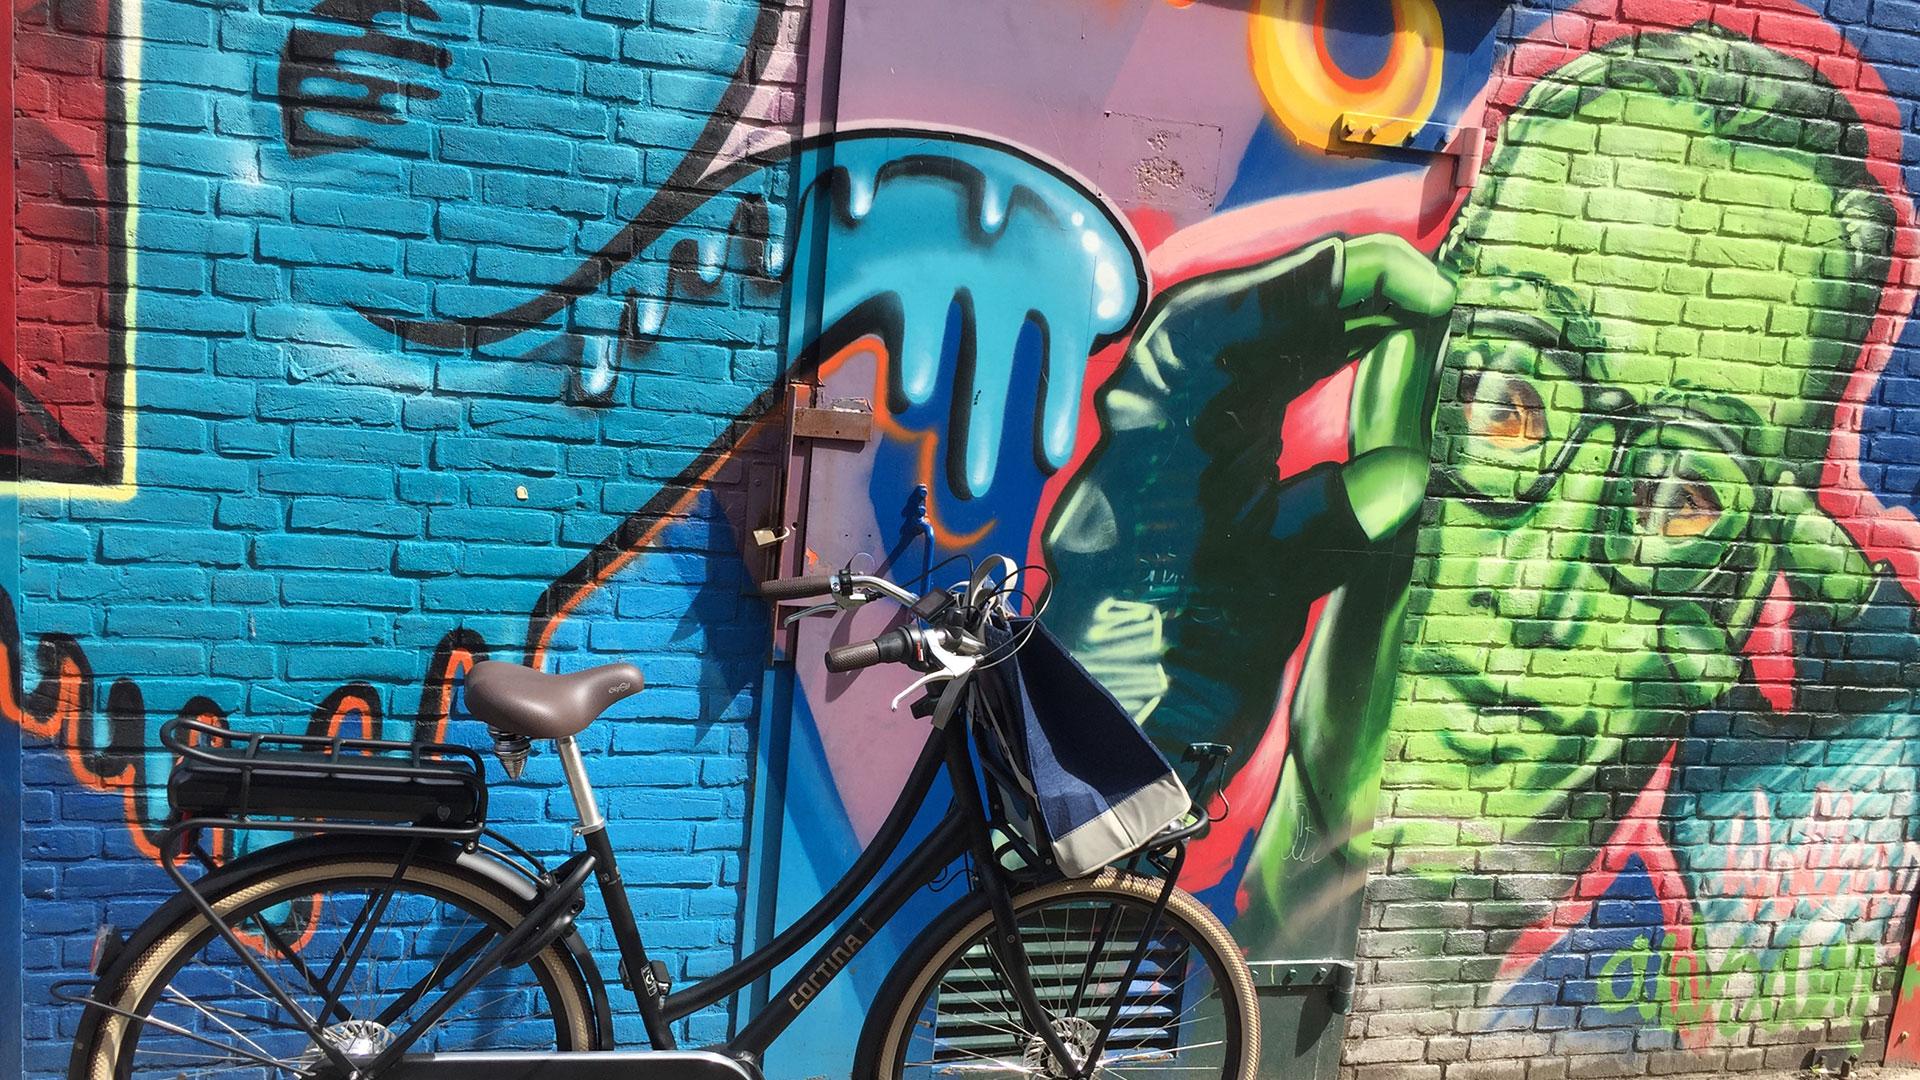 Keistad Fietsfestival 2019: beleef Amersfoort op de fiets